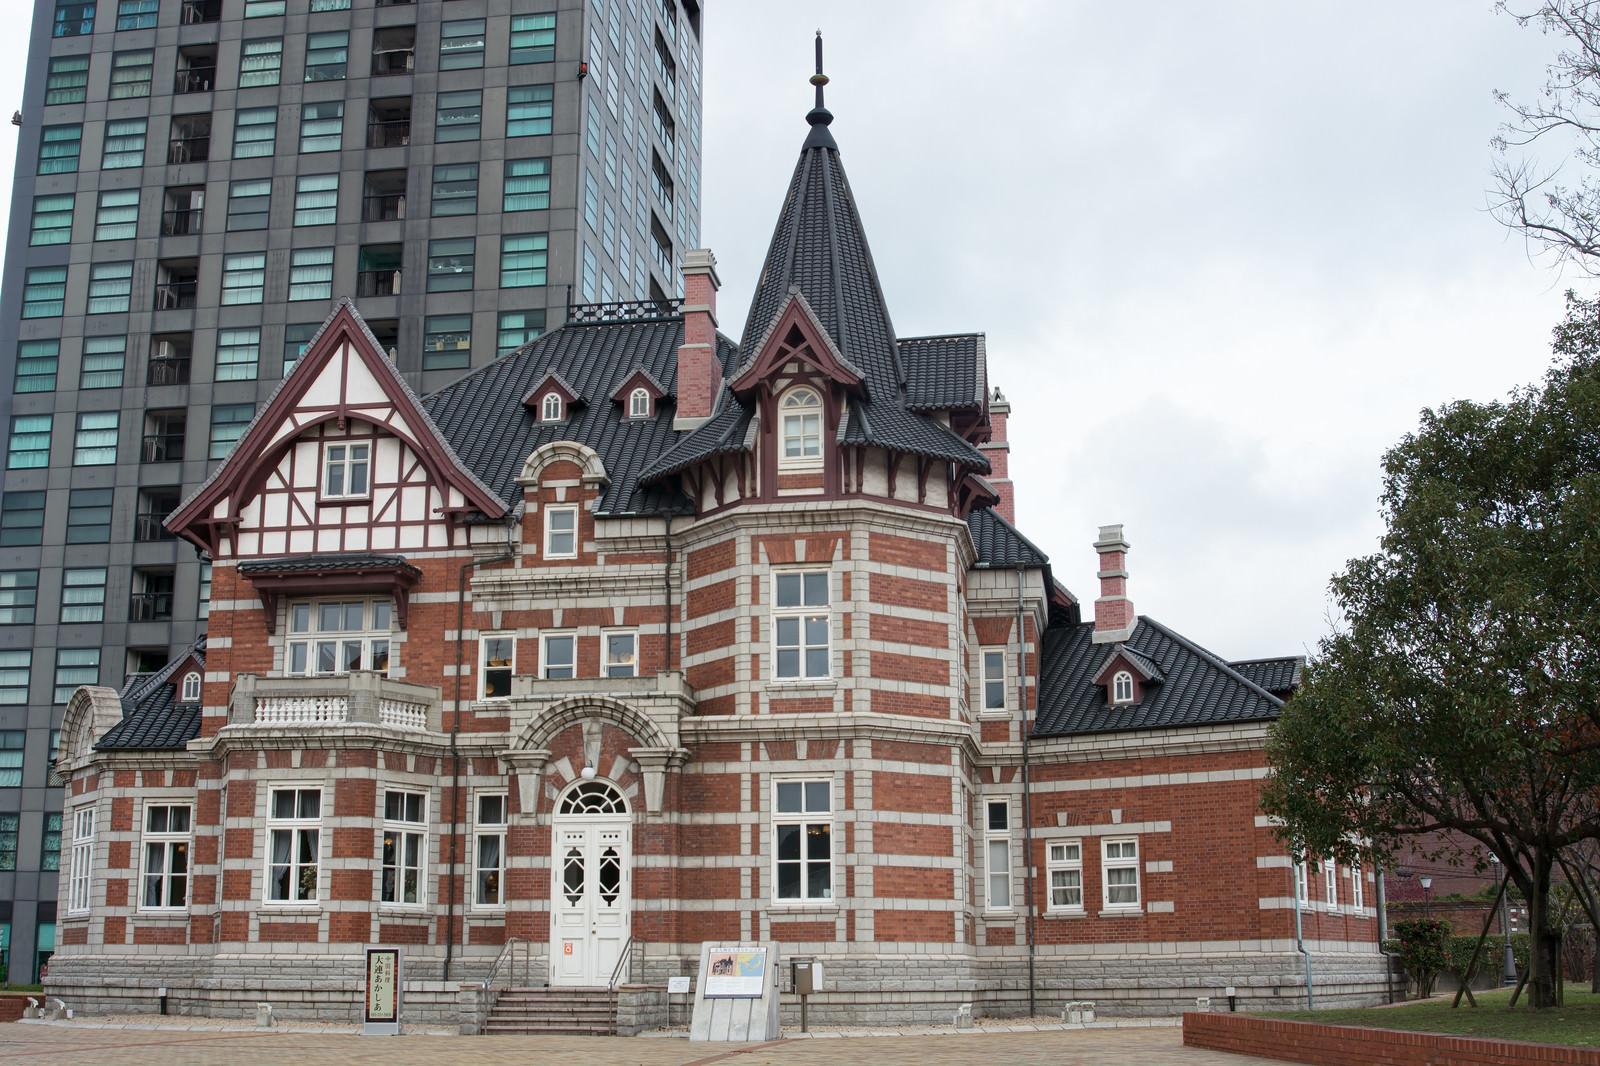 「門司港レトロのオシャレな建物(国際友好記念図書館)」の写真